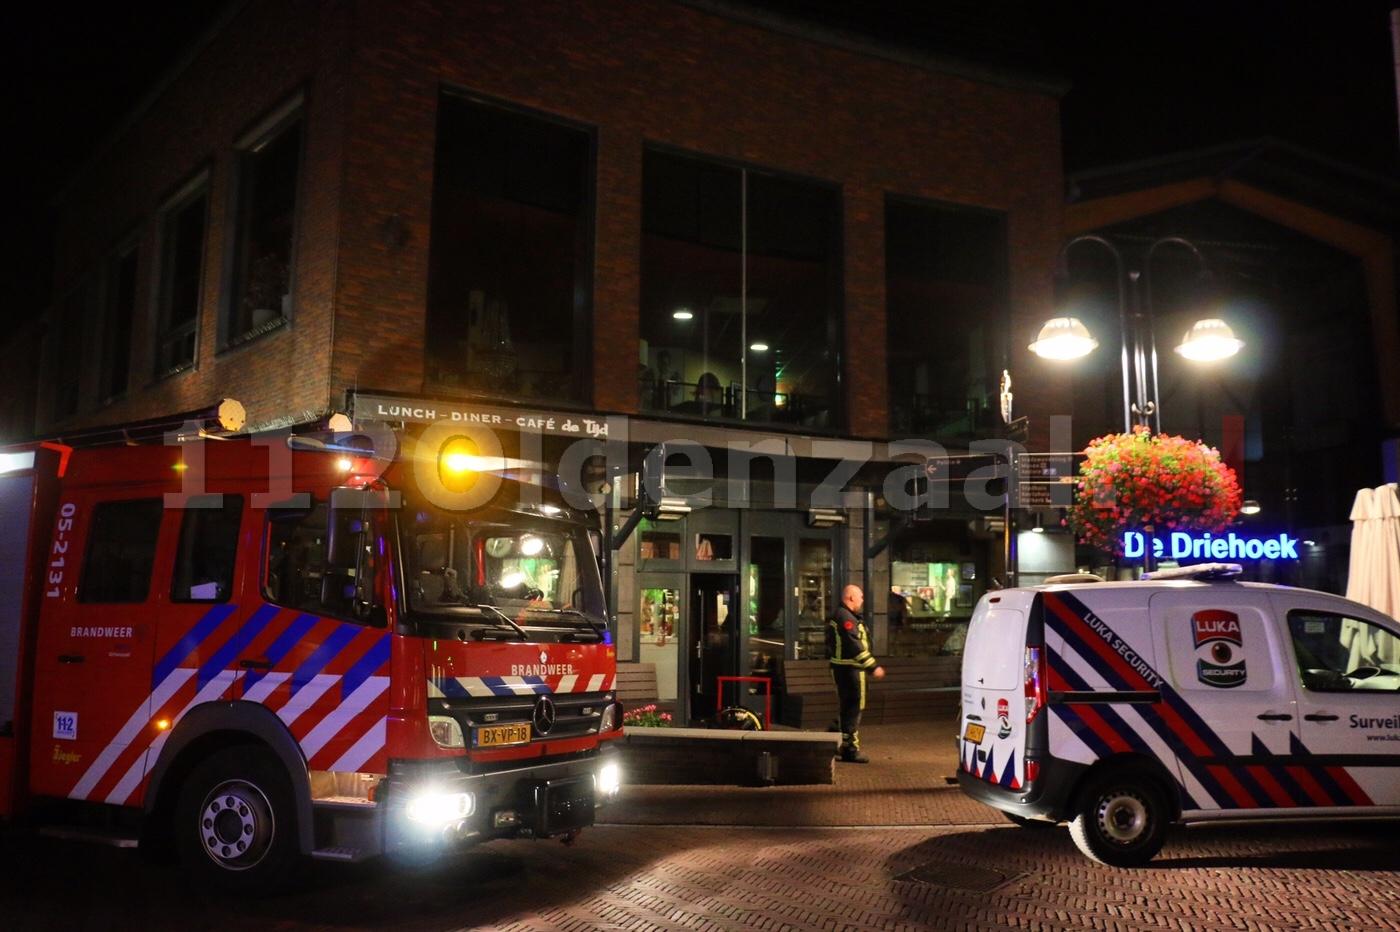 UPDATE (Video): Wateroverlast door sprinklerinstallatie bij lunch-diner-café De Tijd in centrum Oldenzaal